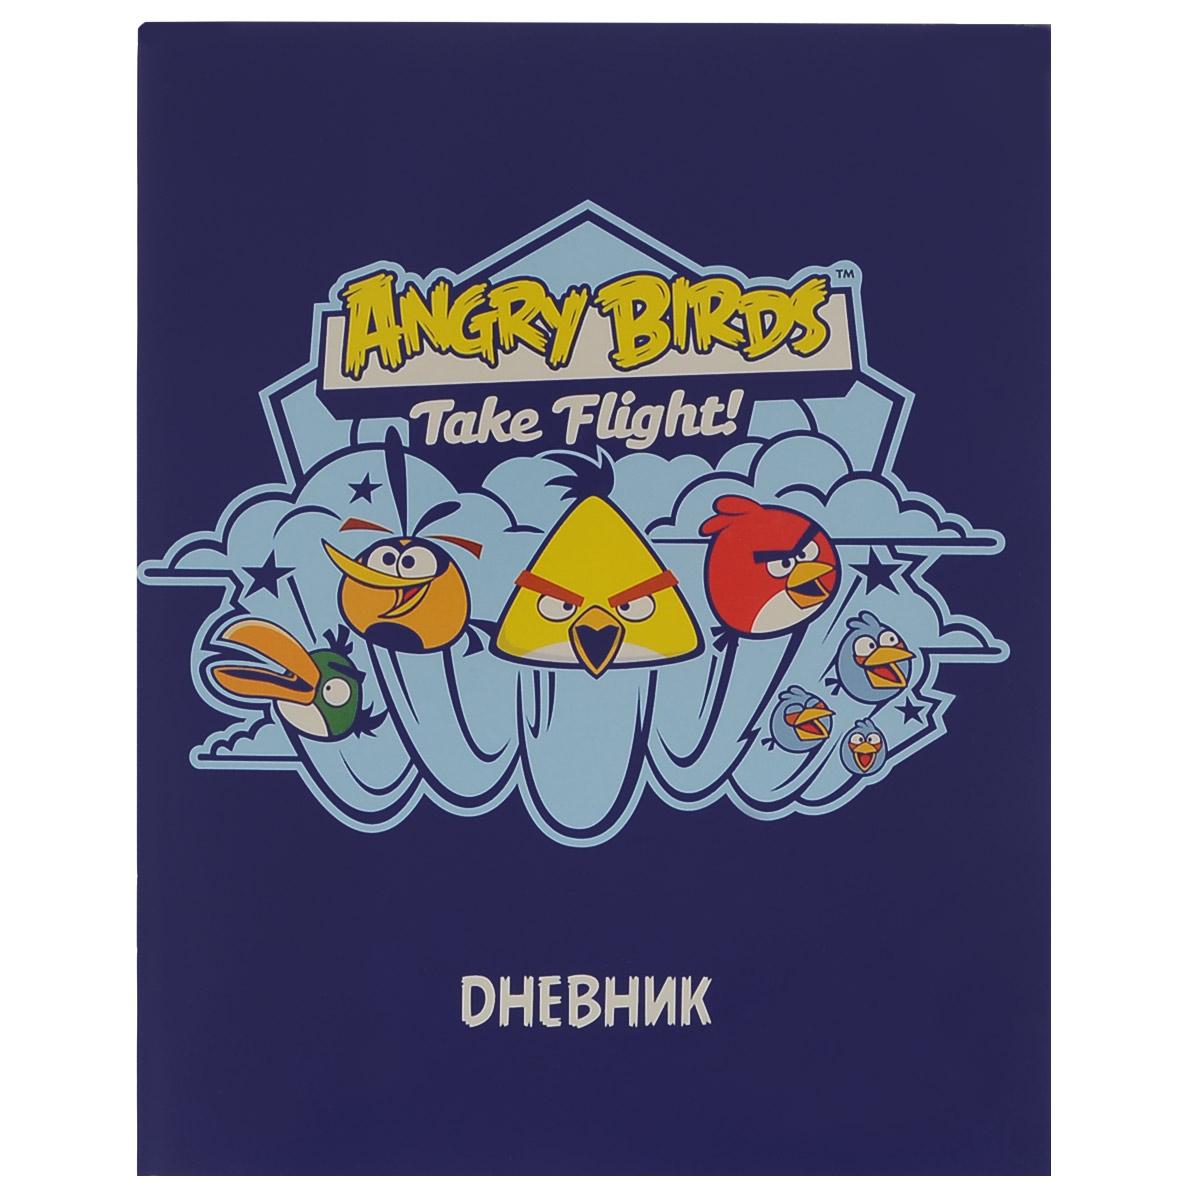 Дневник школьный Hatber Angry Birds, цвет: синий. 40Д5B_1184740Д5B_11847Школьный дневник Hatber Angry Birds - первый ежедневник вашего ребенка. Он поможет ему не забыть свои задания, а вы всегда сможете проконтролировать его успеваемость. Дневник предназначен для учеников 1-11 классов. Внутренний блок дневника состоит из 40 листов белой бумаги с изображением забавных птичек из игры Angry Birds на каждой страничке и прошит металлическими скрепками. Обложка выполнена из мелованного картона. В структуру дневника входят все необходимые разделы: информация о личных данных ученика, школе и педагогах, друзьях и одноклассниках, расписание факультативов и занятий по четвертям. Дневник содержит номера телефонов экстренной помощи и даты государственных праздников. В конце дневника имеются сведения об успеваемости. Дневник Hatber Angry Birds станет надежным помощником ребенка в получении новых знаний и принесет радость своему хозяину в учебные будни. Рекомендуемый возраст: от 6 лет.